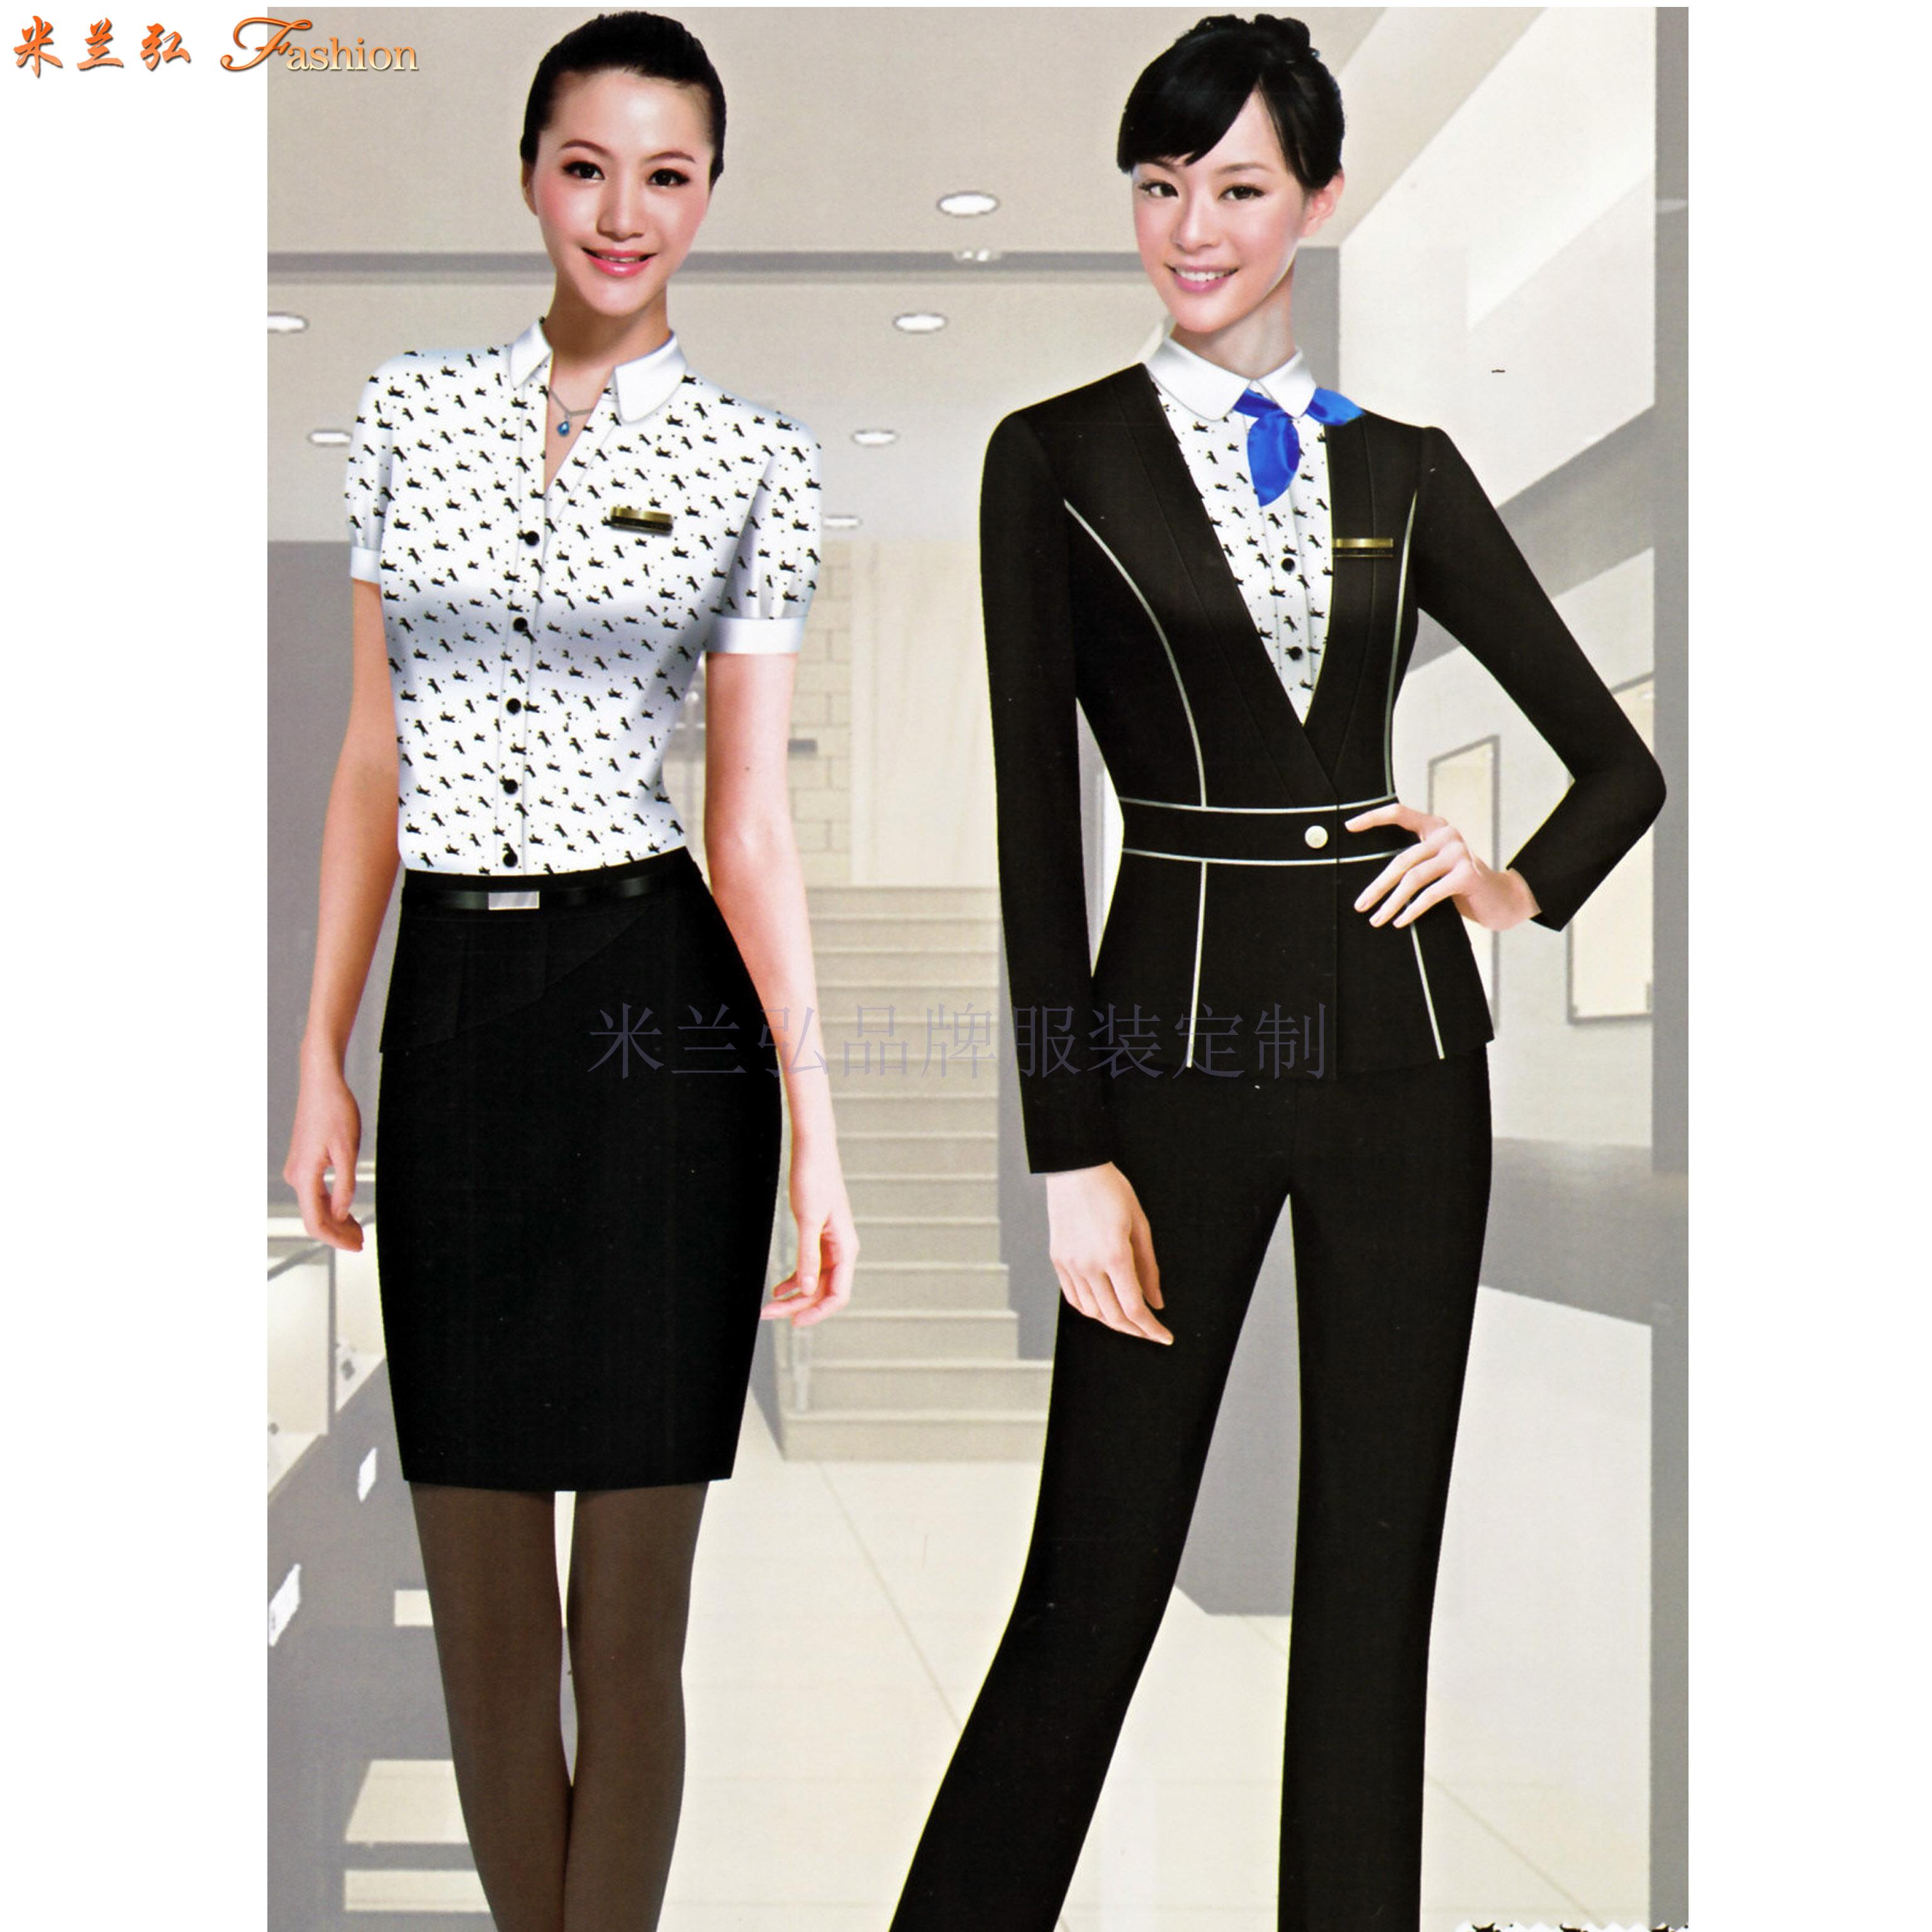 廣東職業裝定做-新穎潮流職業裝訂制-米蘭弘服裝-4